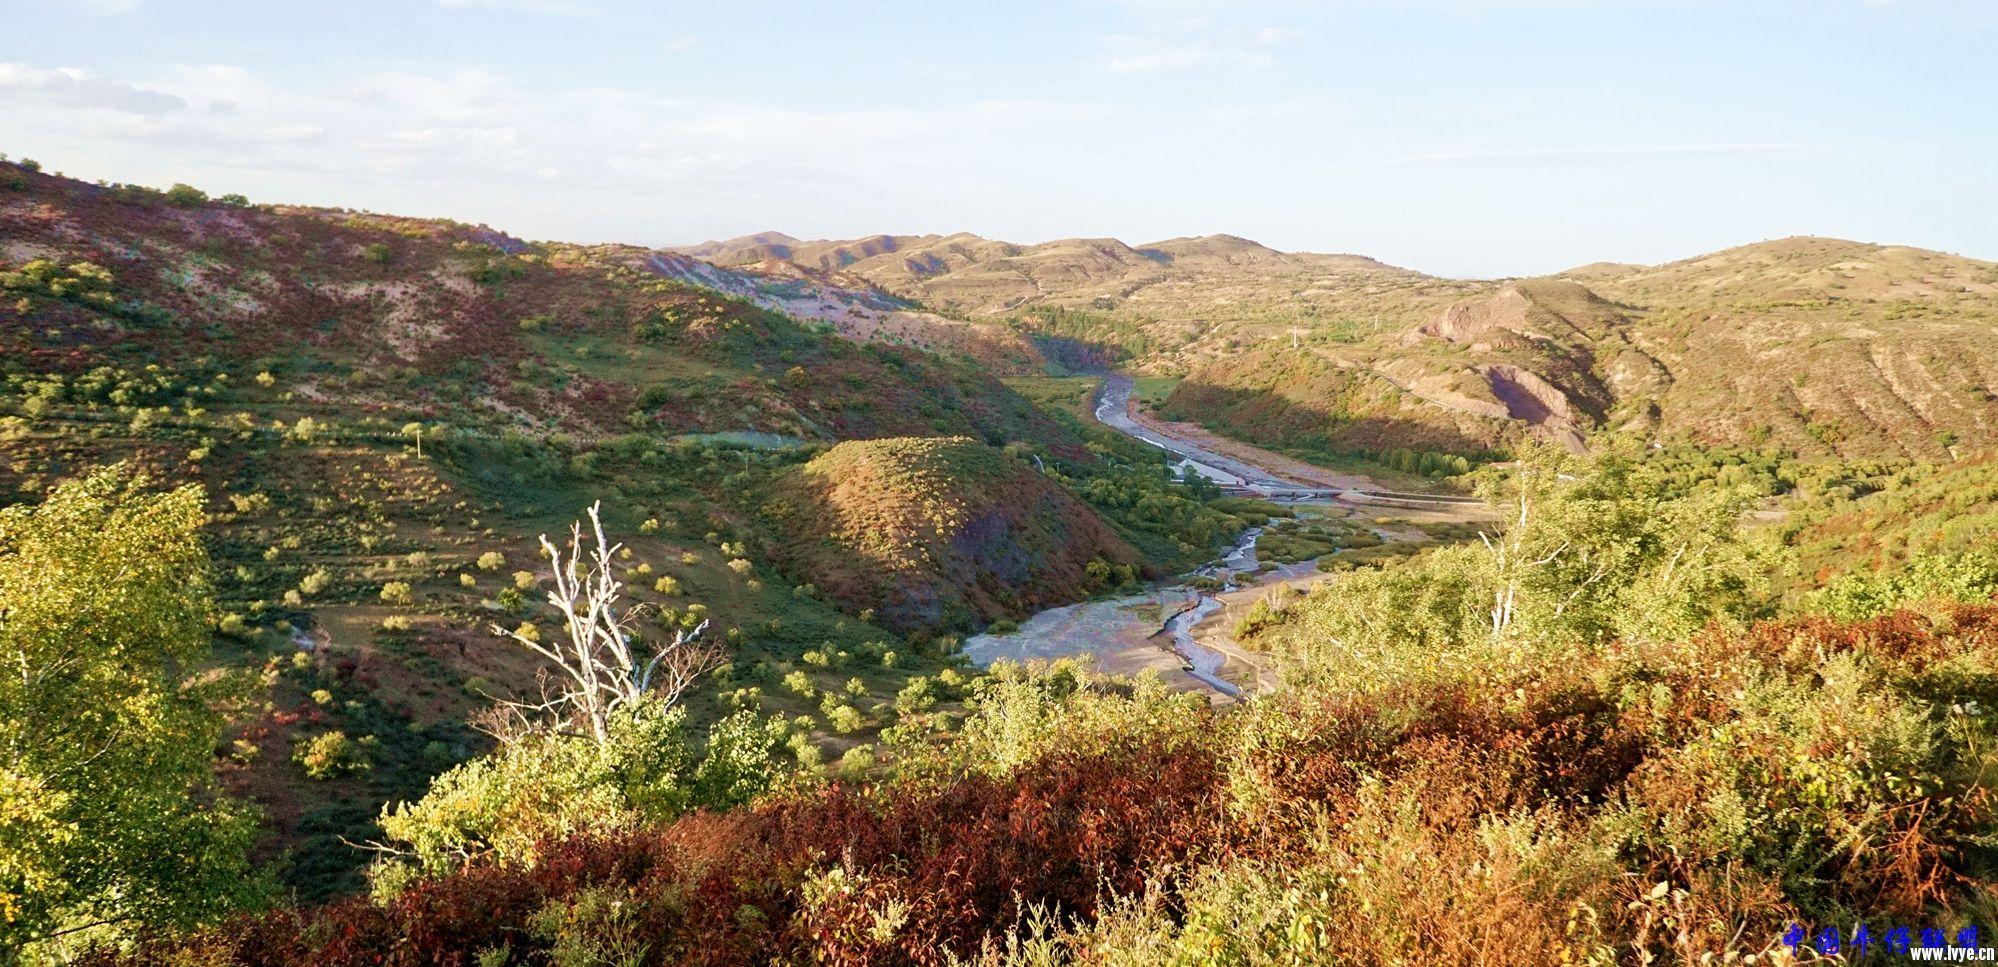 西拉木伦河峡谷4227.jpg